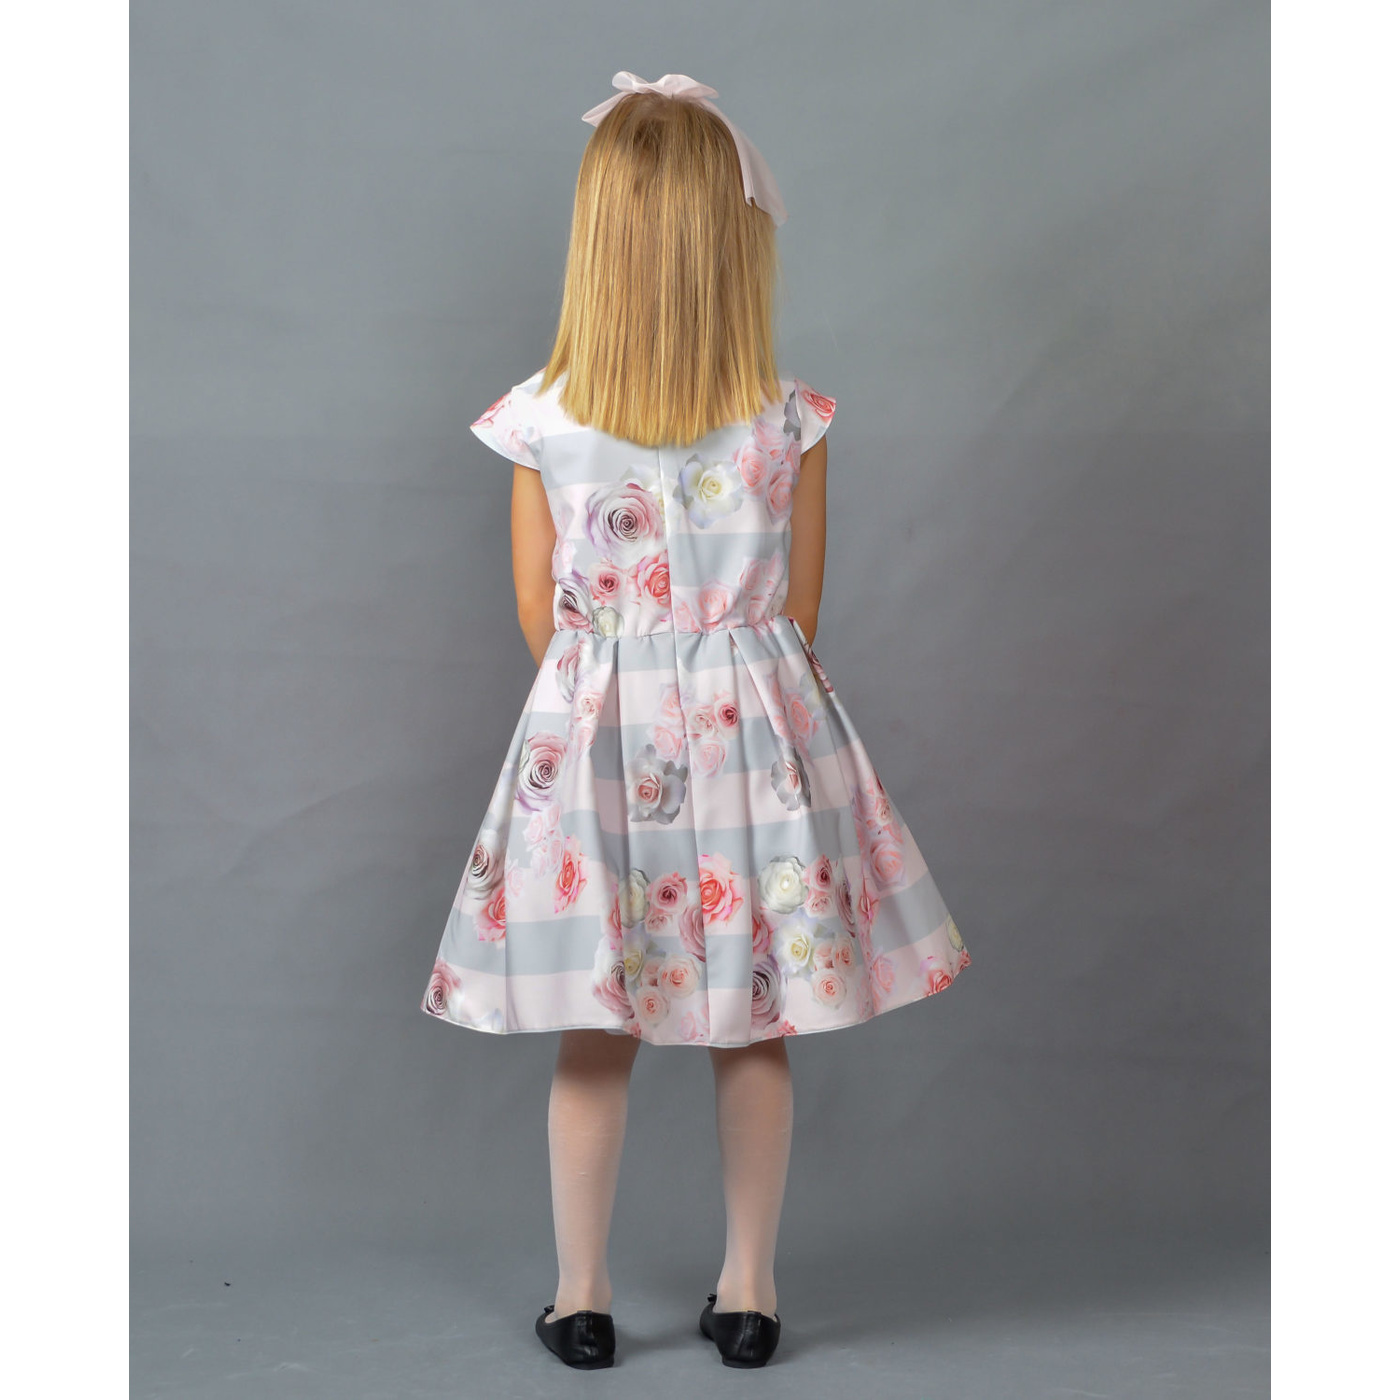 ed2332b11a Wizytowa sukienka dla dziewczynki M 214 Isla - EMMA